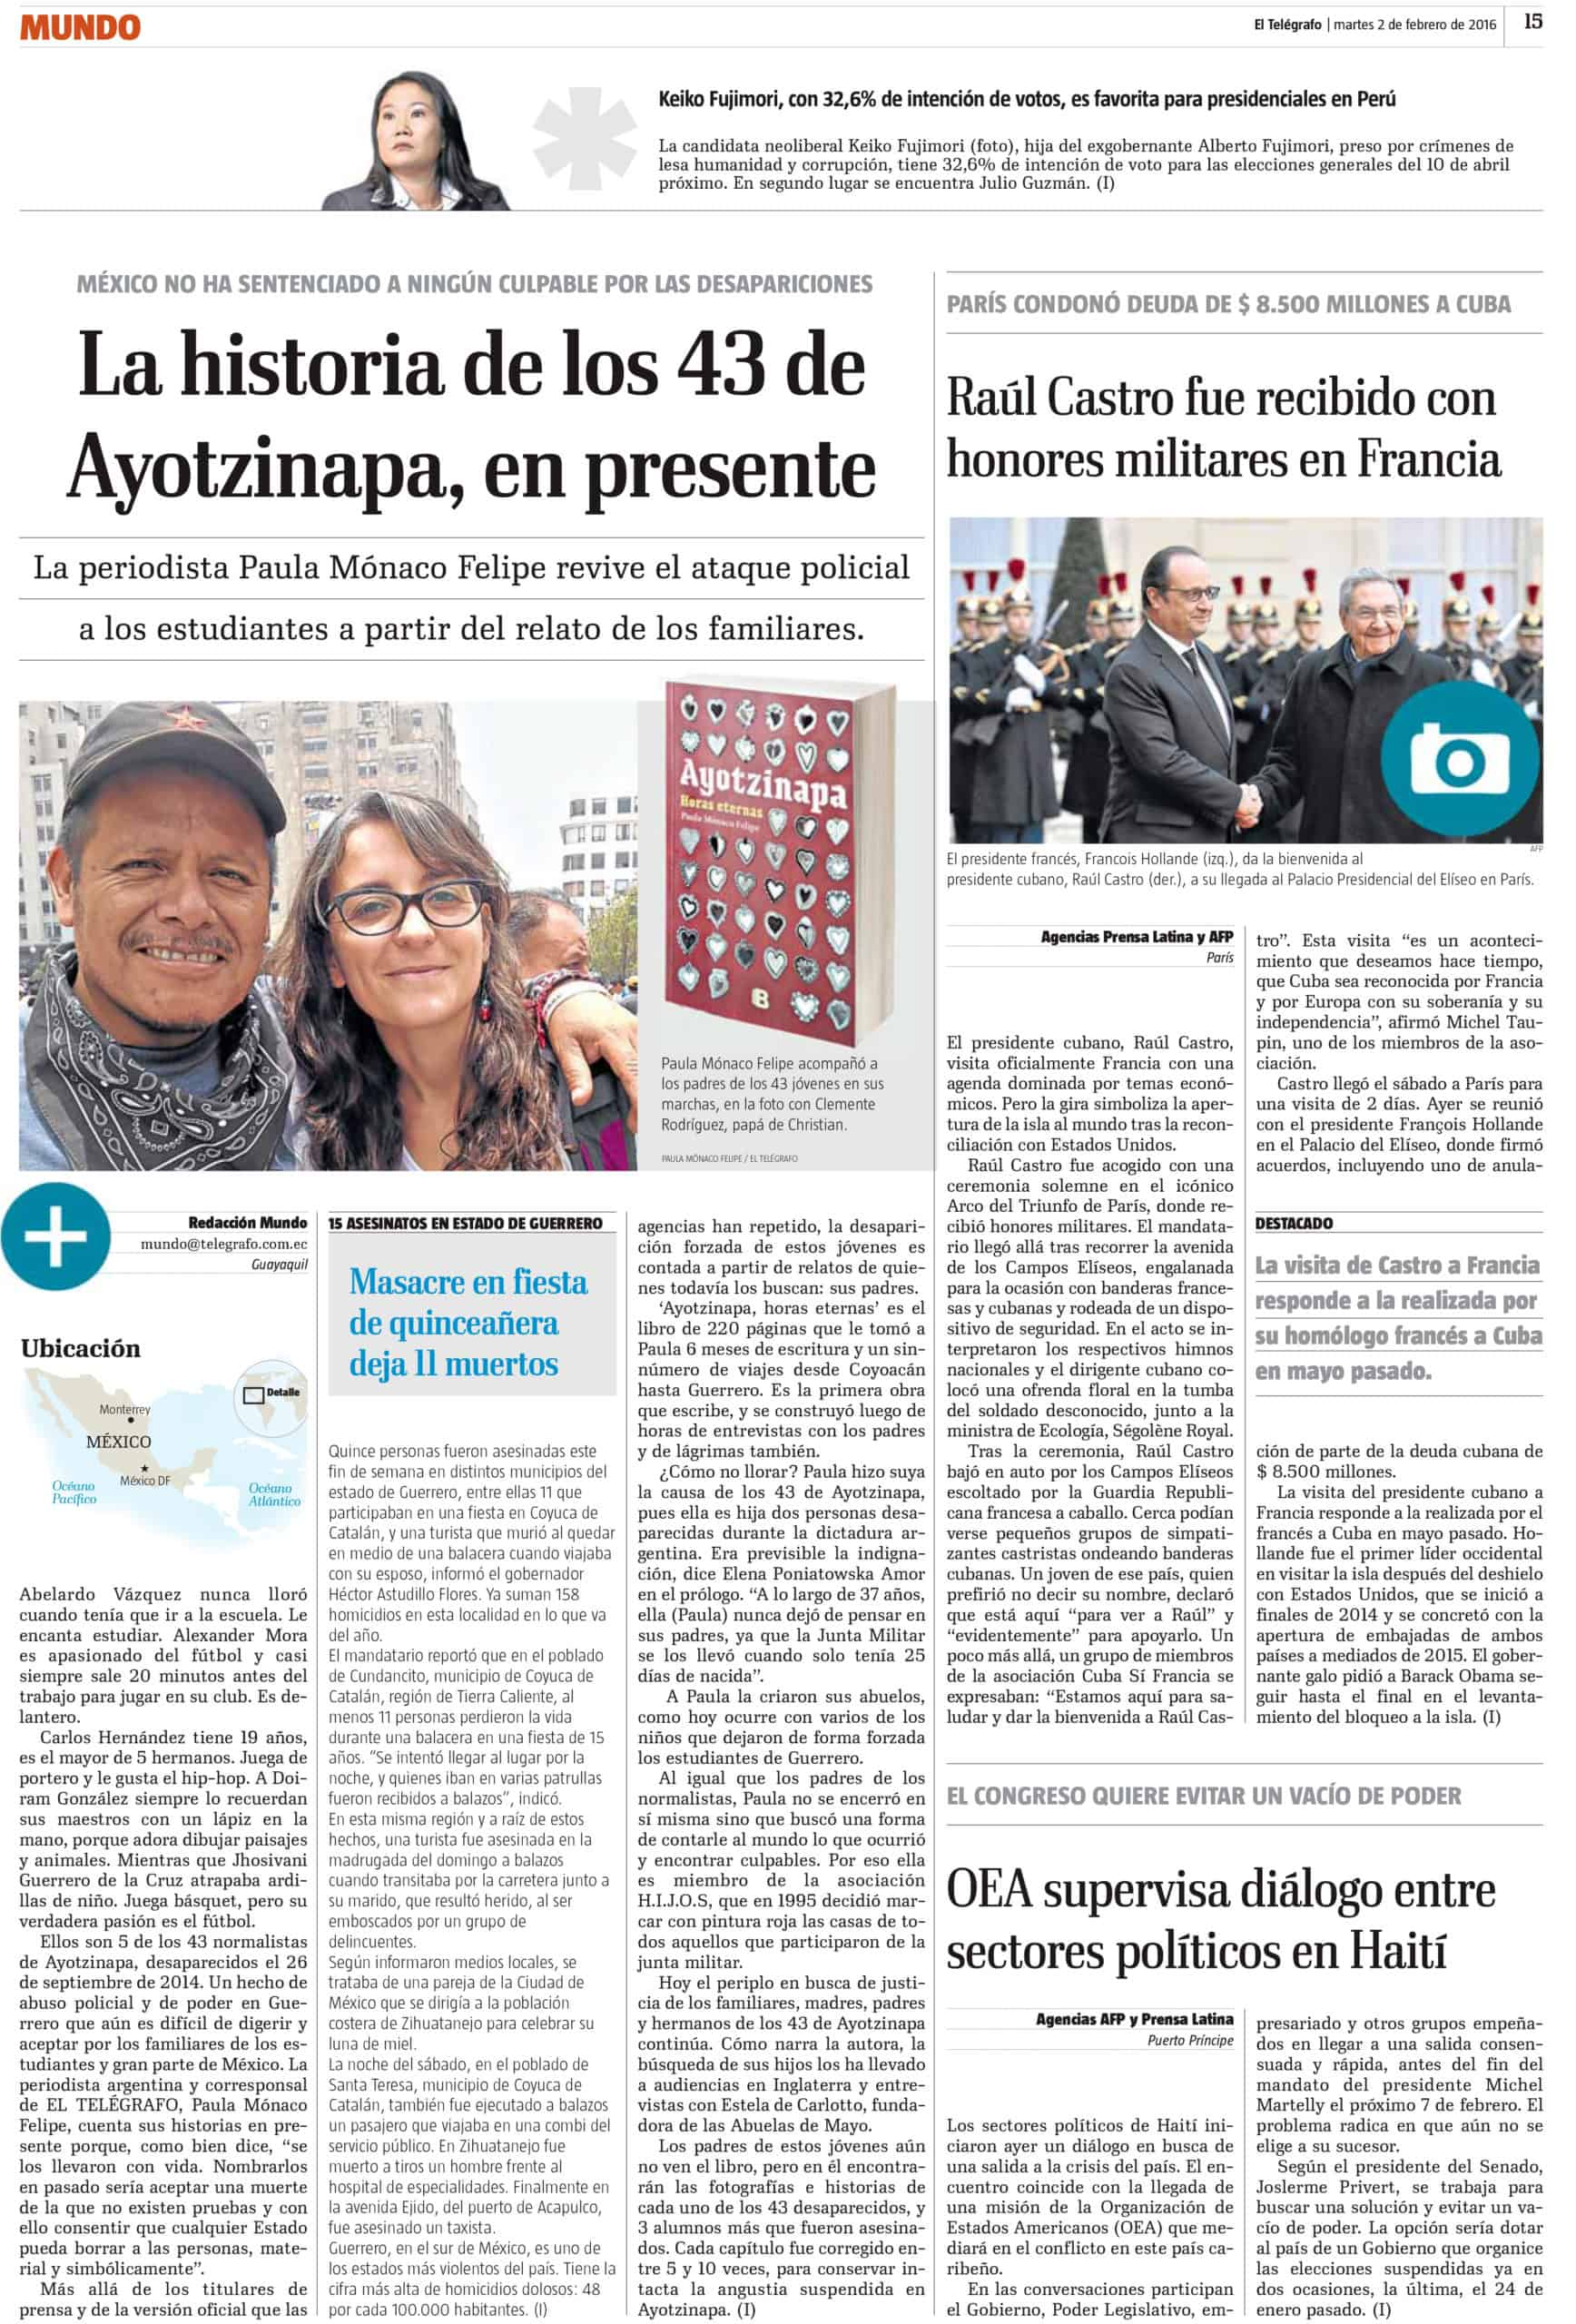 la historia de los 43 de Ayotzinapa en presente